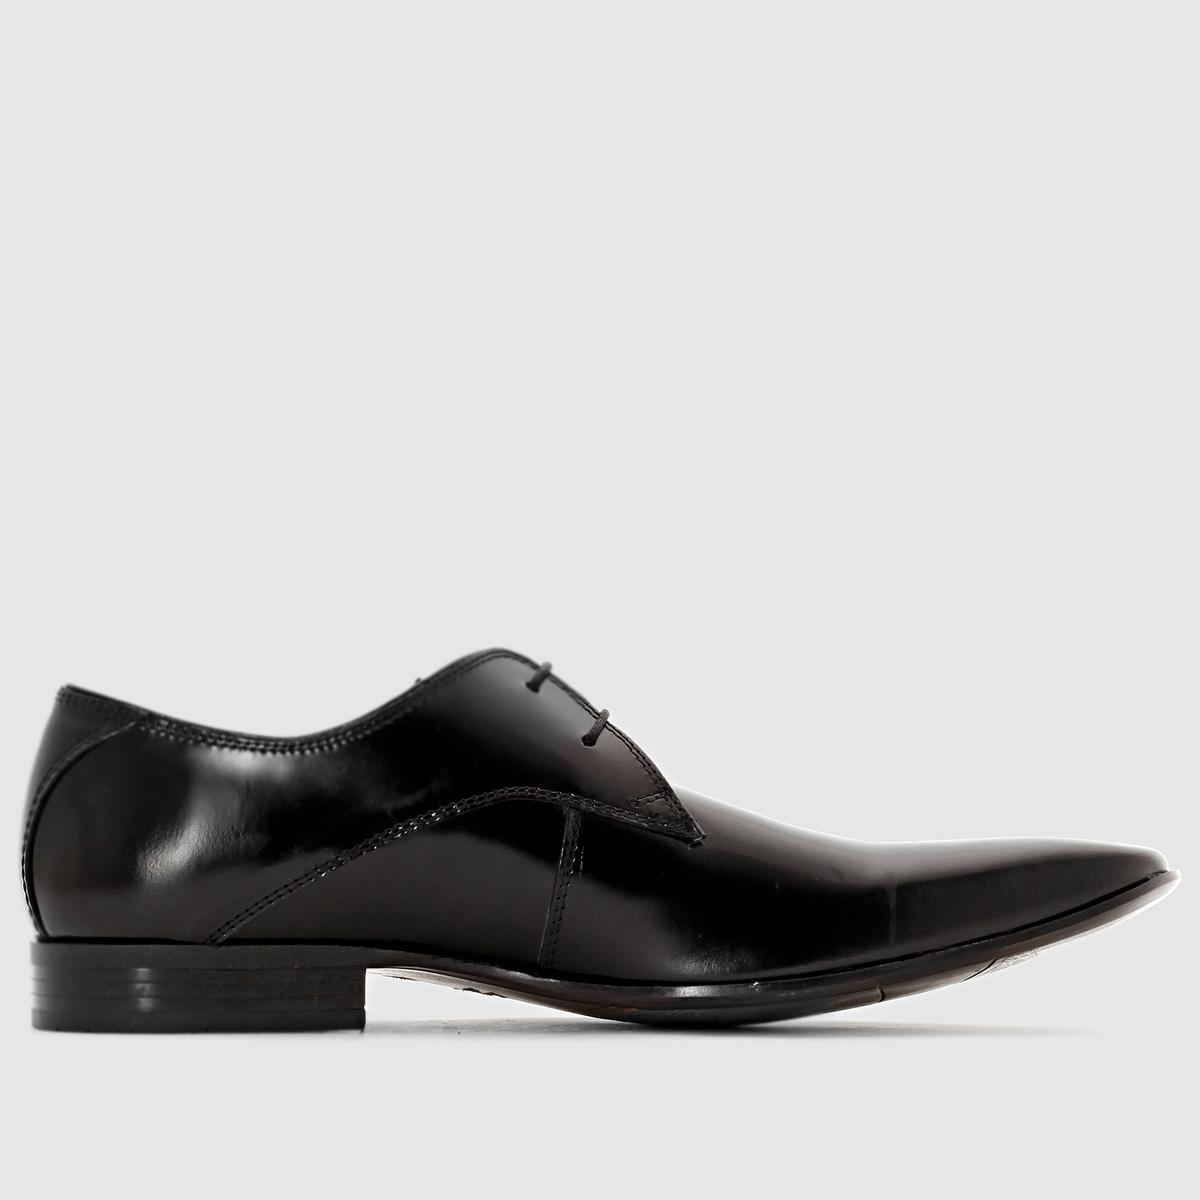 Ботинки-дерби кожаные на шнуровкеКожаные ботинки-дерби на шнуровке, модель Pekani от Redskins.Верх: коровья кожа. Подкладка: кожа и текстиль. Стелька: кожа. Подошва: эластомер. Застежка: на шнуровке. Высота каблука: 1,5 см Великолепная обработка кожи от Redskins - характер и элегантность... Городские ботинки-дерби, которые будут сопровождать ваши шаги своей шикарностью и стилем!<br><br>Цвет: черный